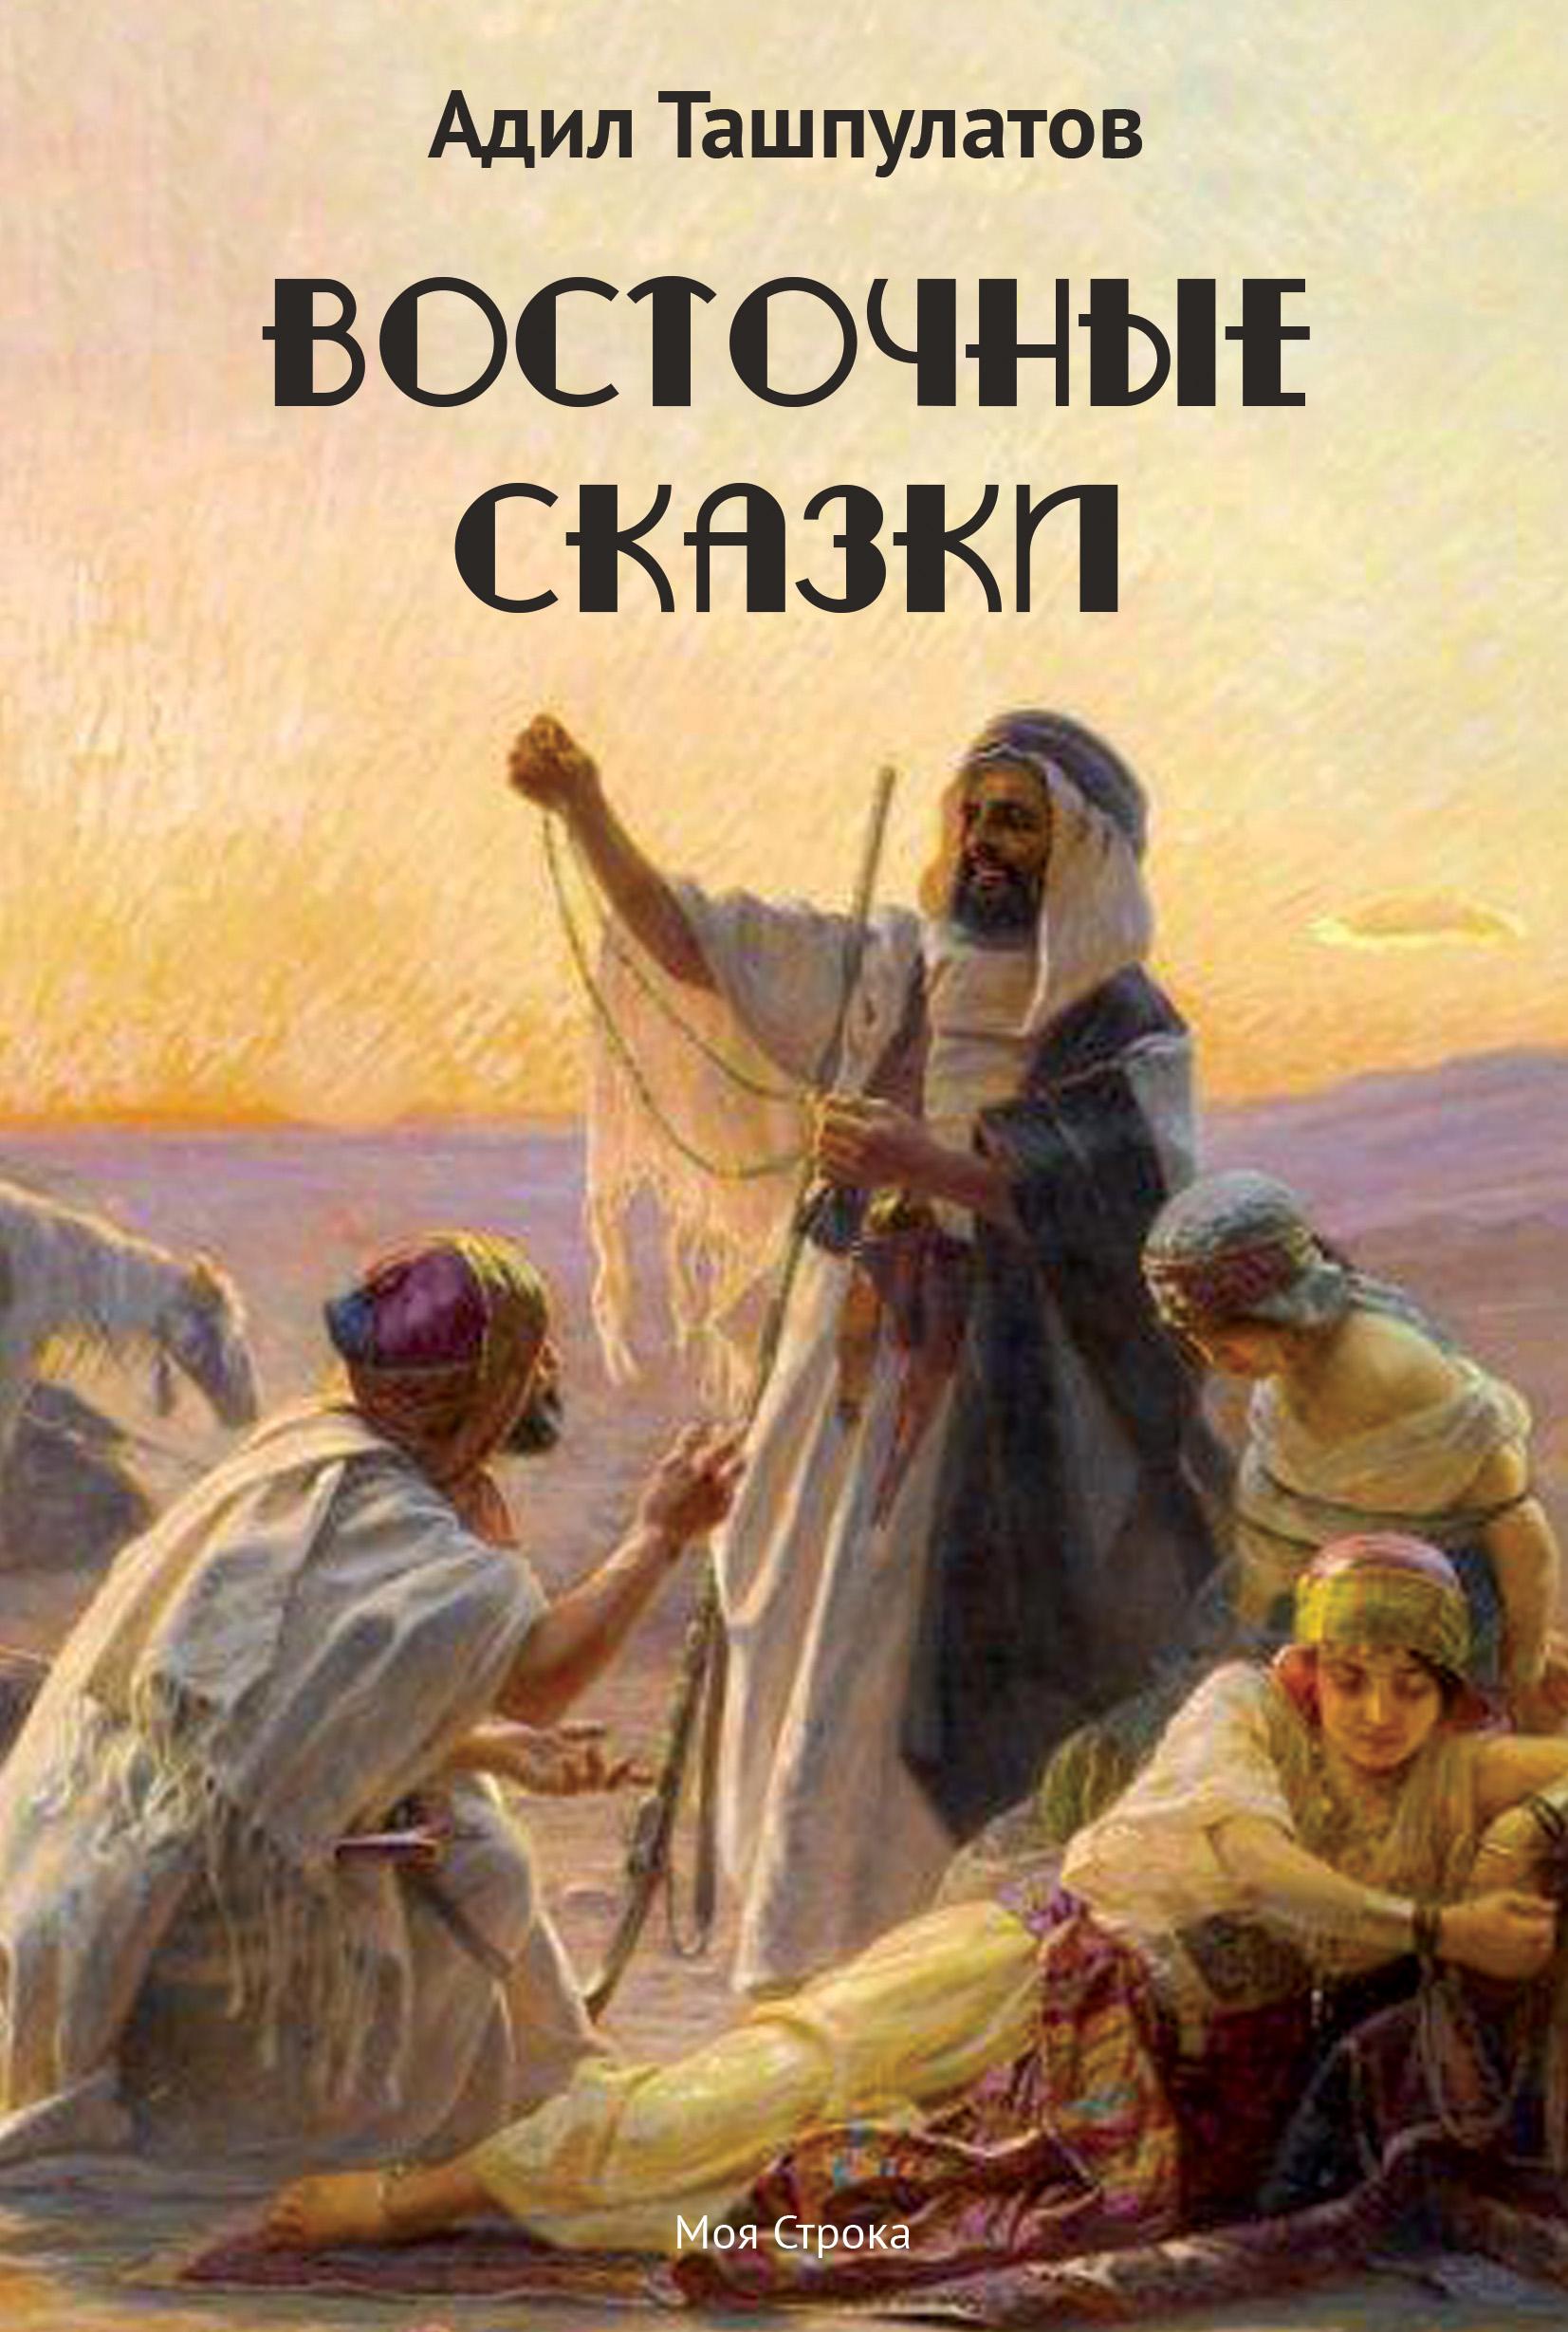 Адил Ташпулатов Восточные сказки. Книга 1 цена 2017